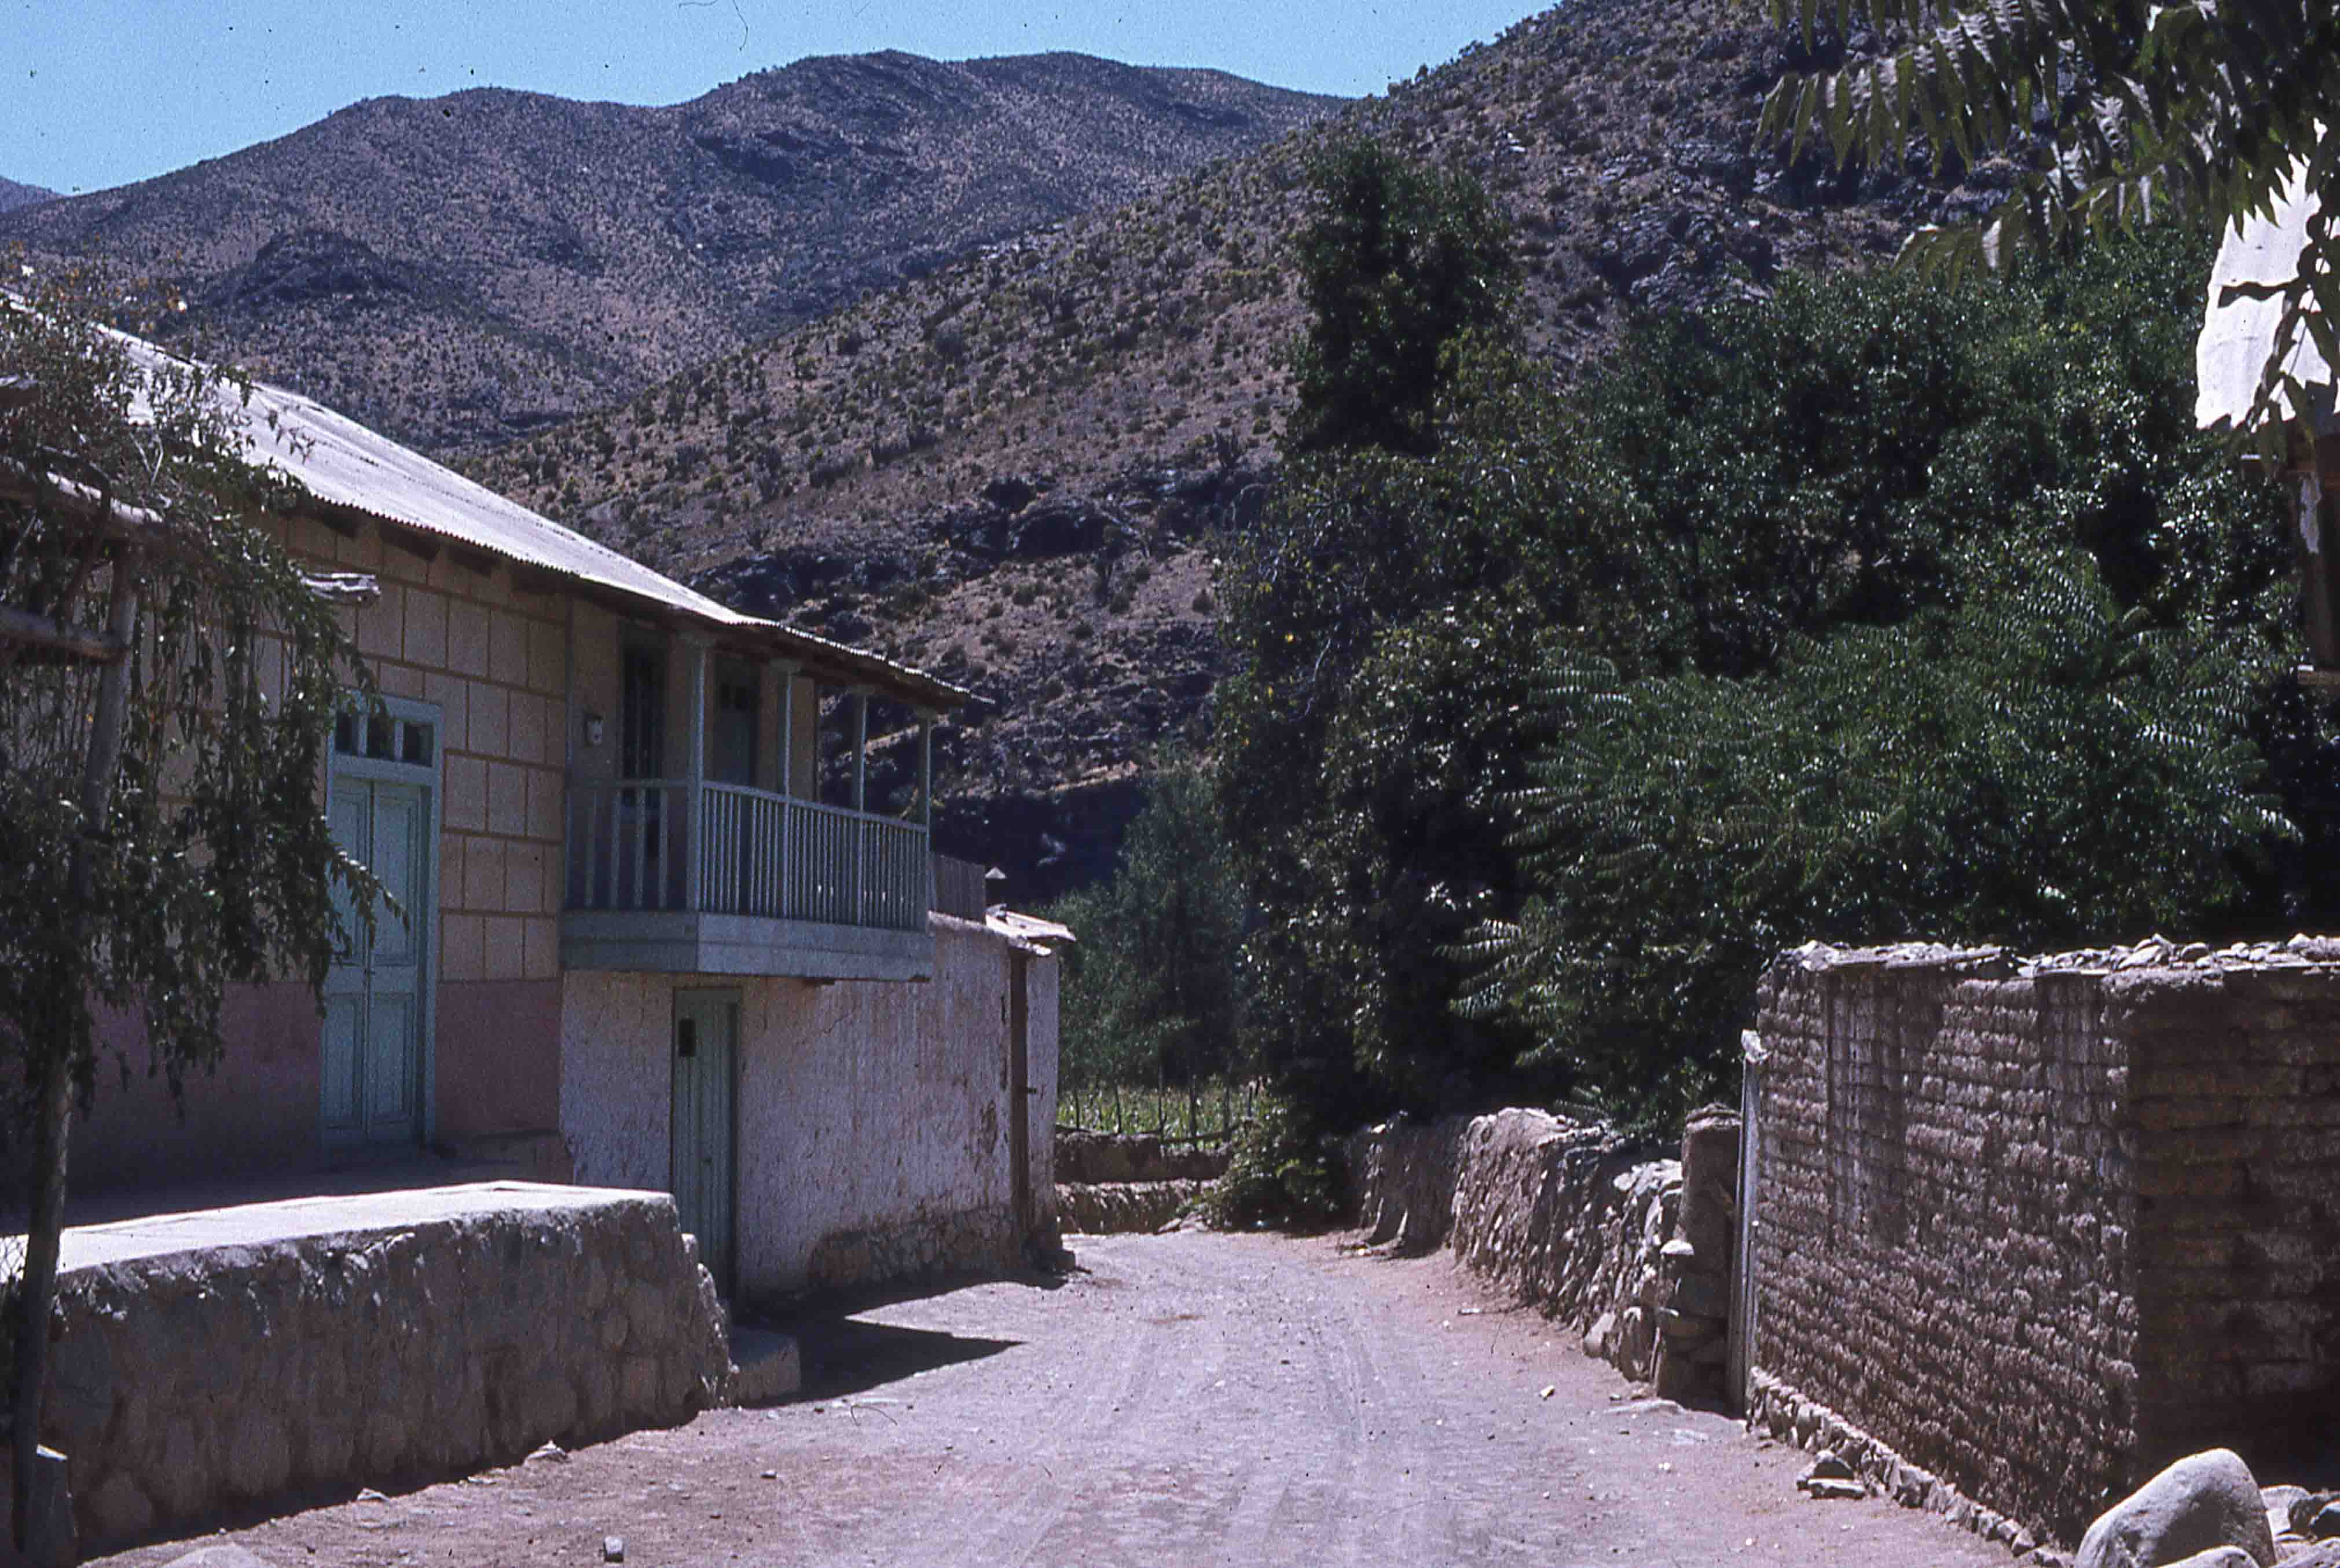 Enterreno - Fotos históricas de chile - fotos antiguas de Chile - Pueblo Pichasca en los años 70s